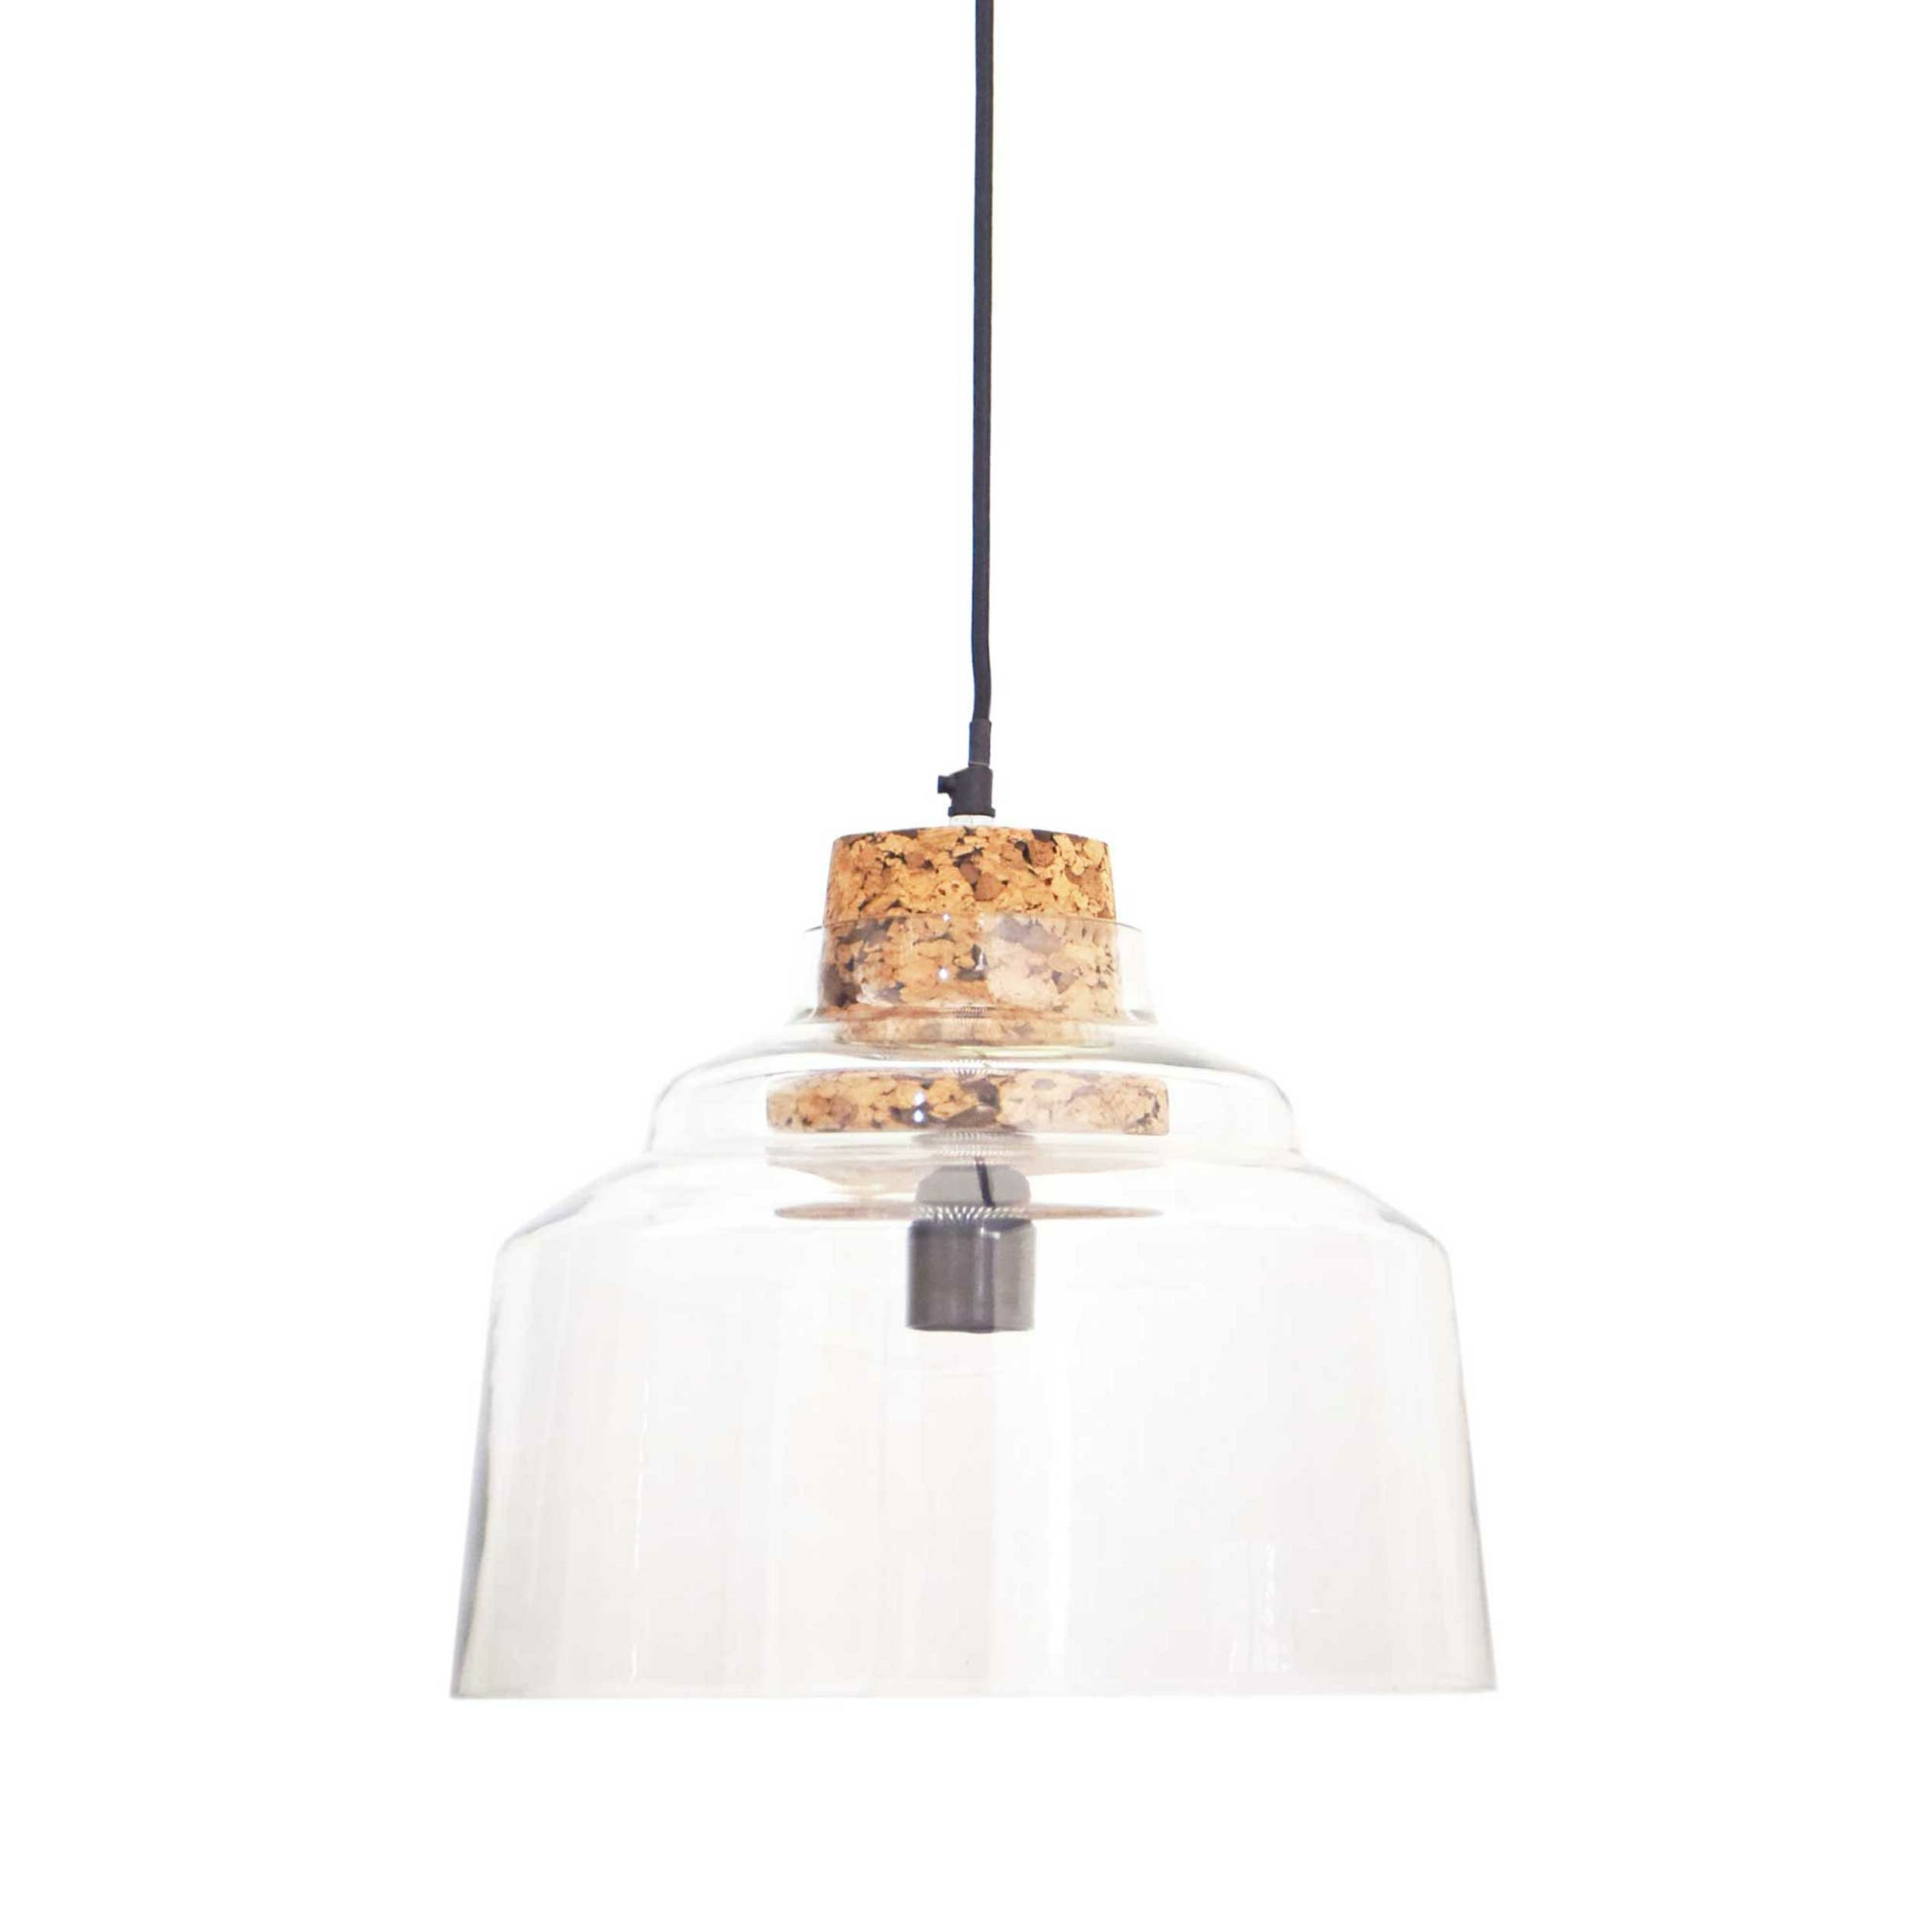 Akakios 1 Light Single Bell Pendants Within Newest Jazelle 1 Light Single Bell Pendant (View 5 of 25)